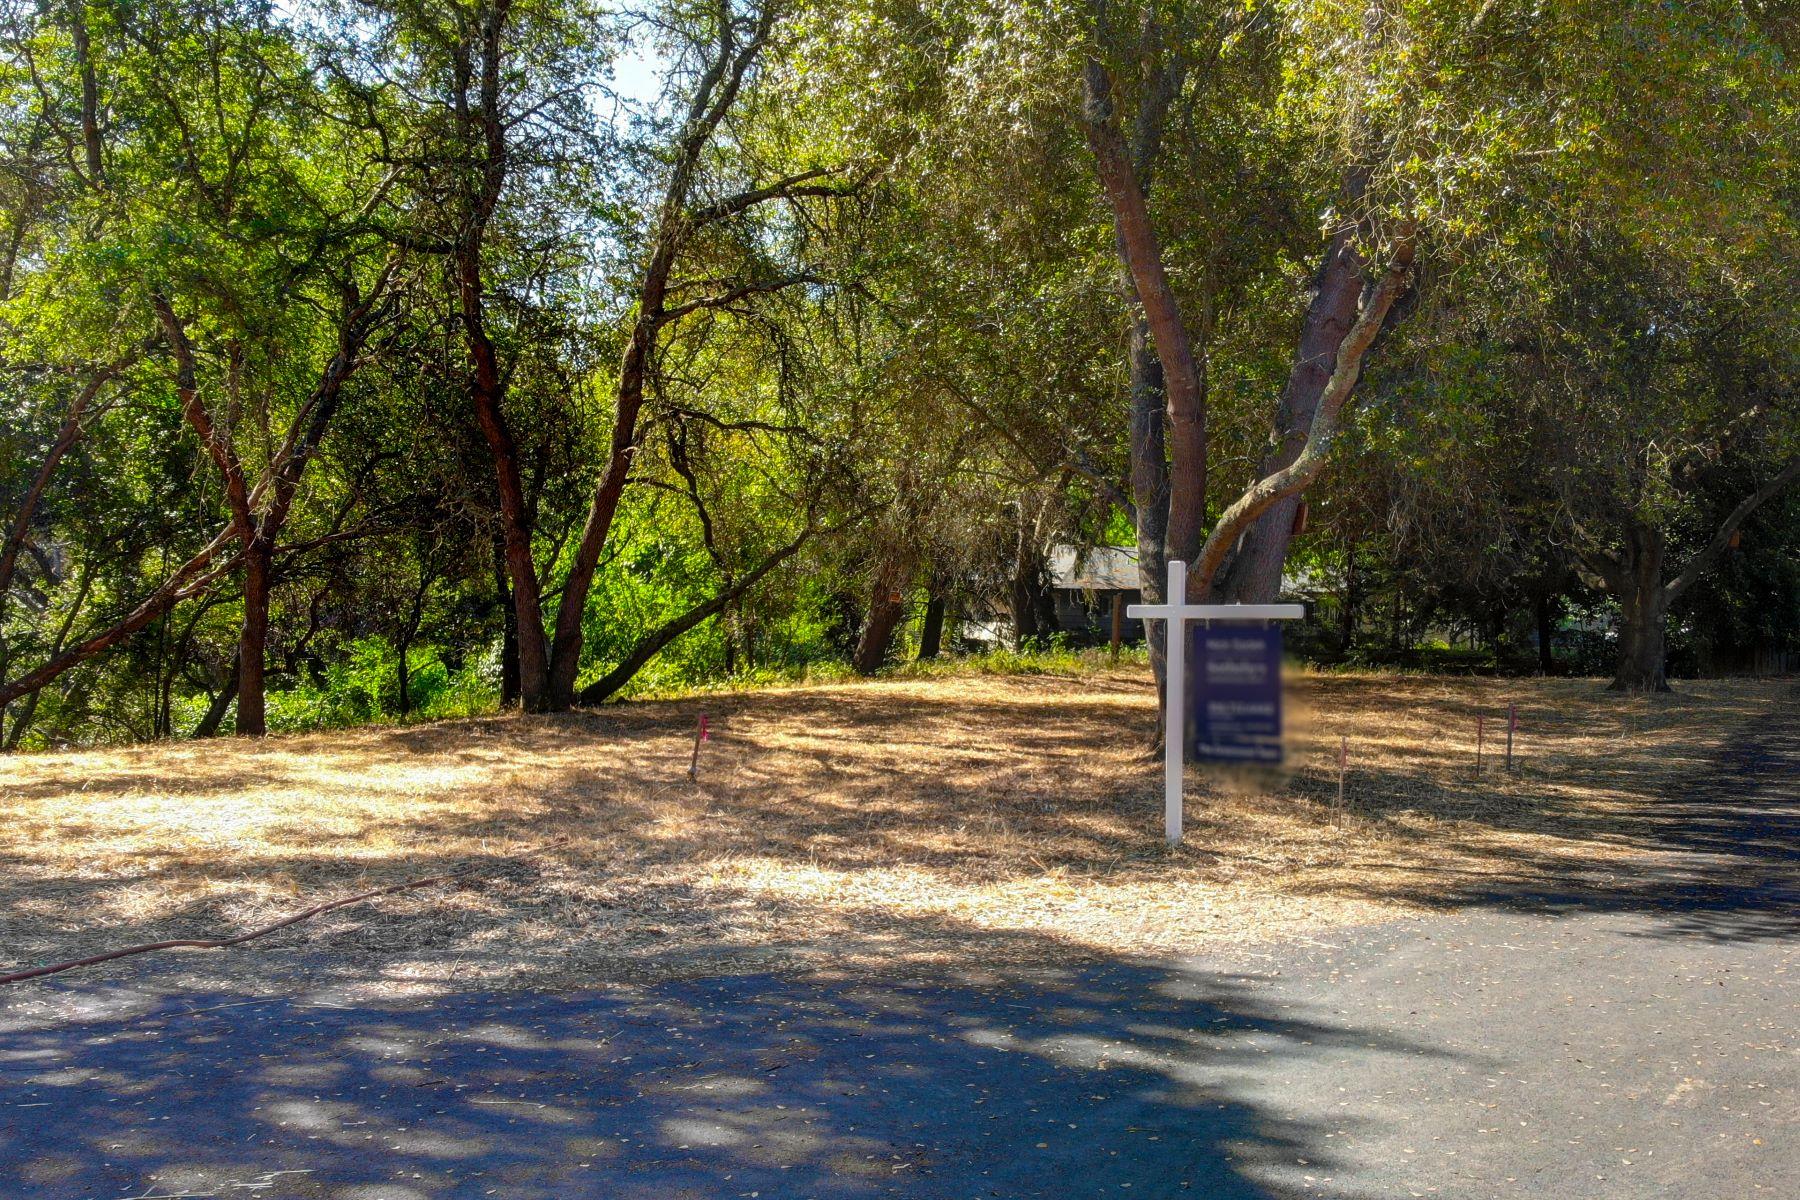 Land for Sale at Grant Avenue - Lot 3, Carmichael, CA 95608 Grant Avenue - Lot 3 Carmichael, California 95608 United States